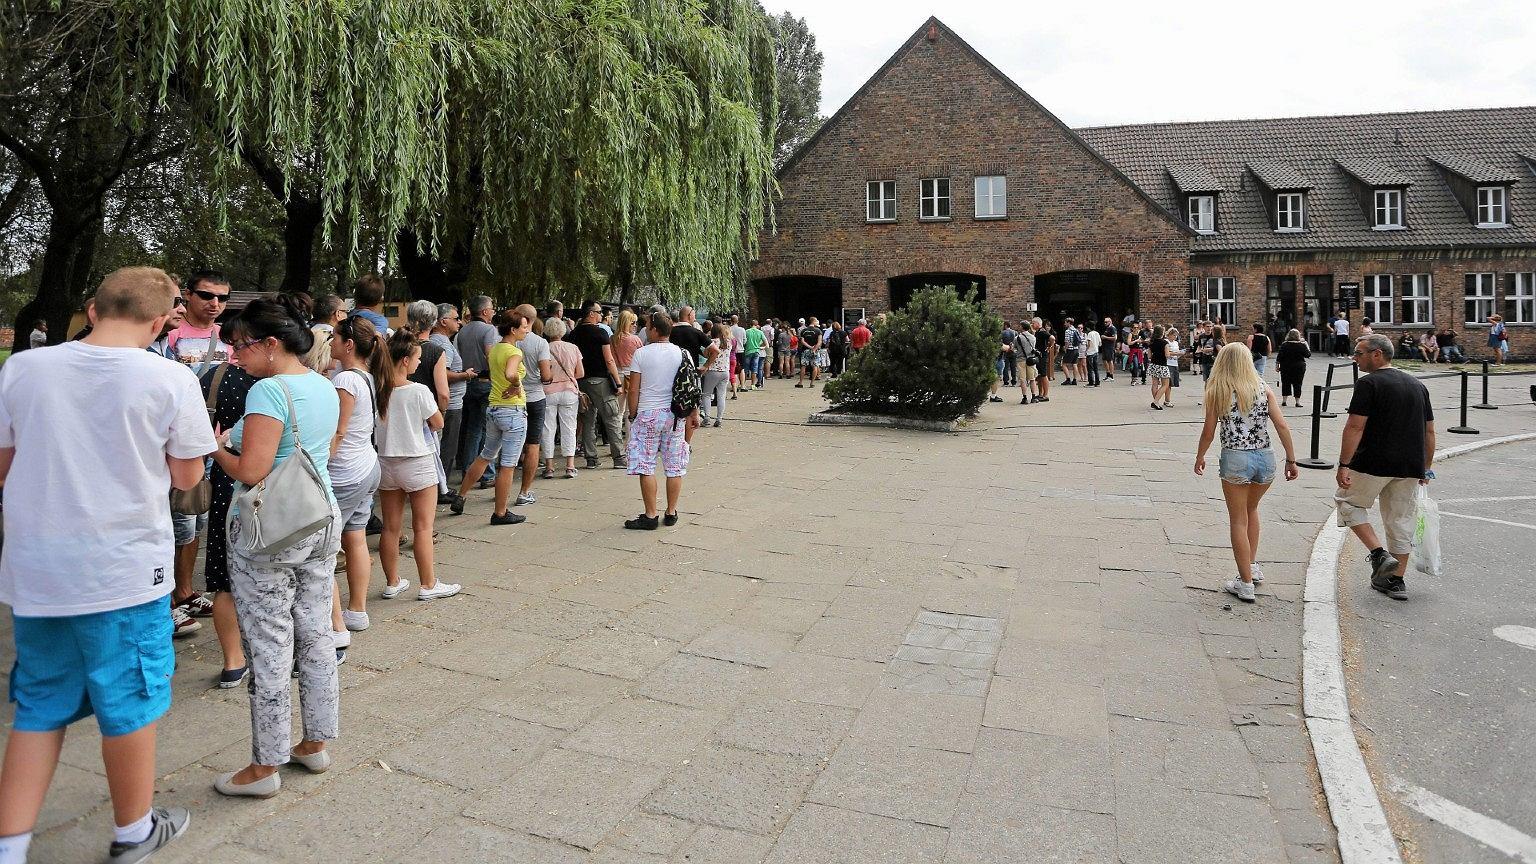 Muzeum Auschwitz-Birkenau odwiedza rocznie 2 mln turystów, do miasta zjeżdża zaledwie kilka tysięcy